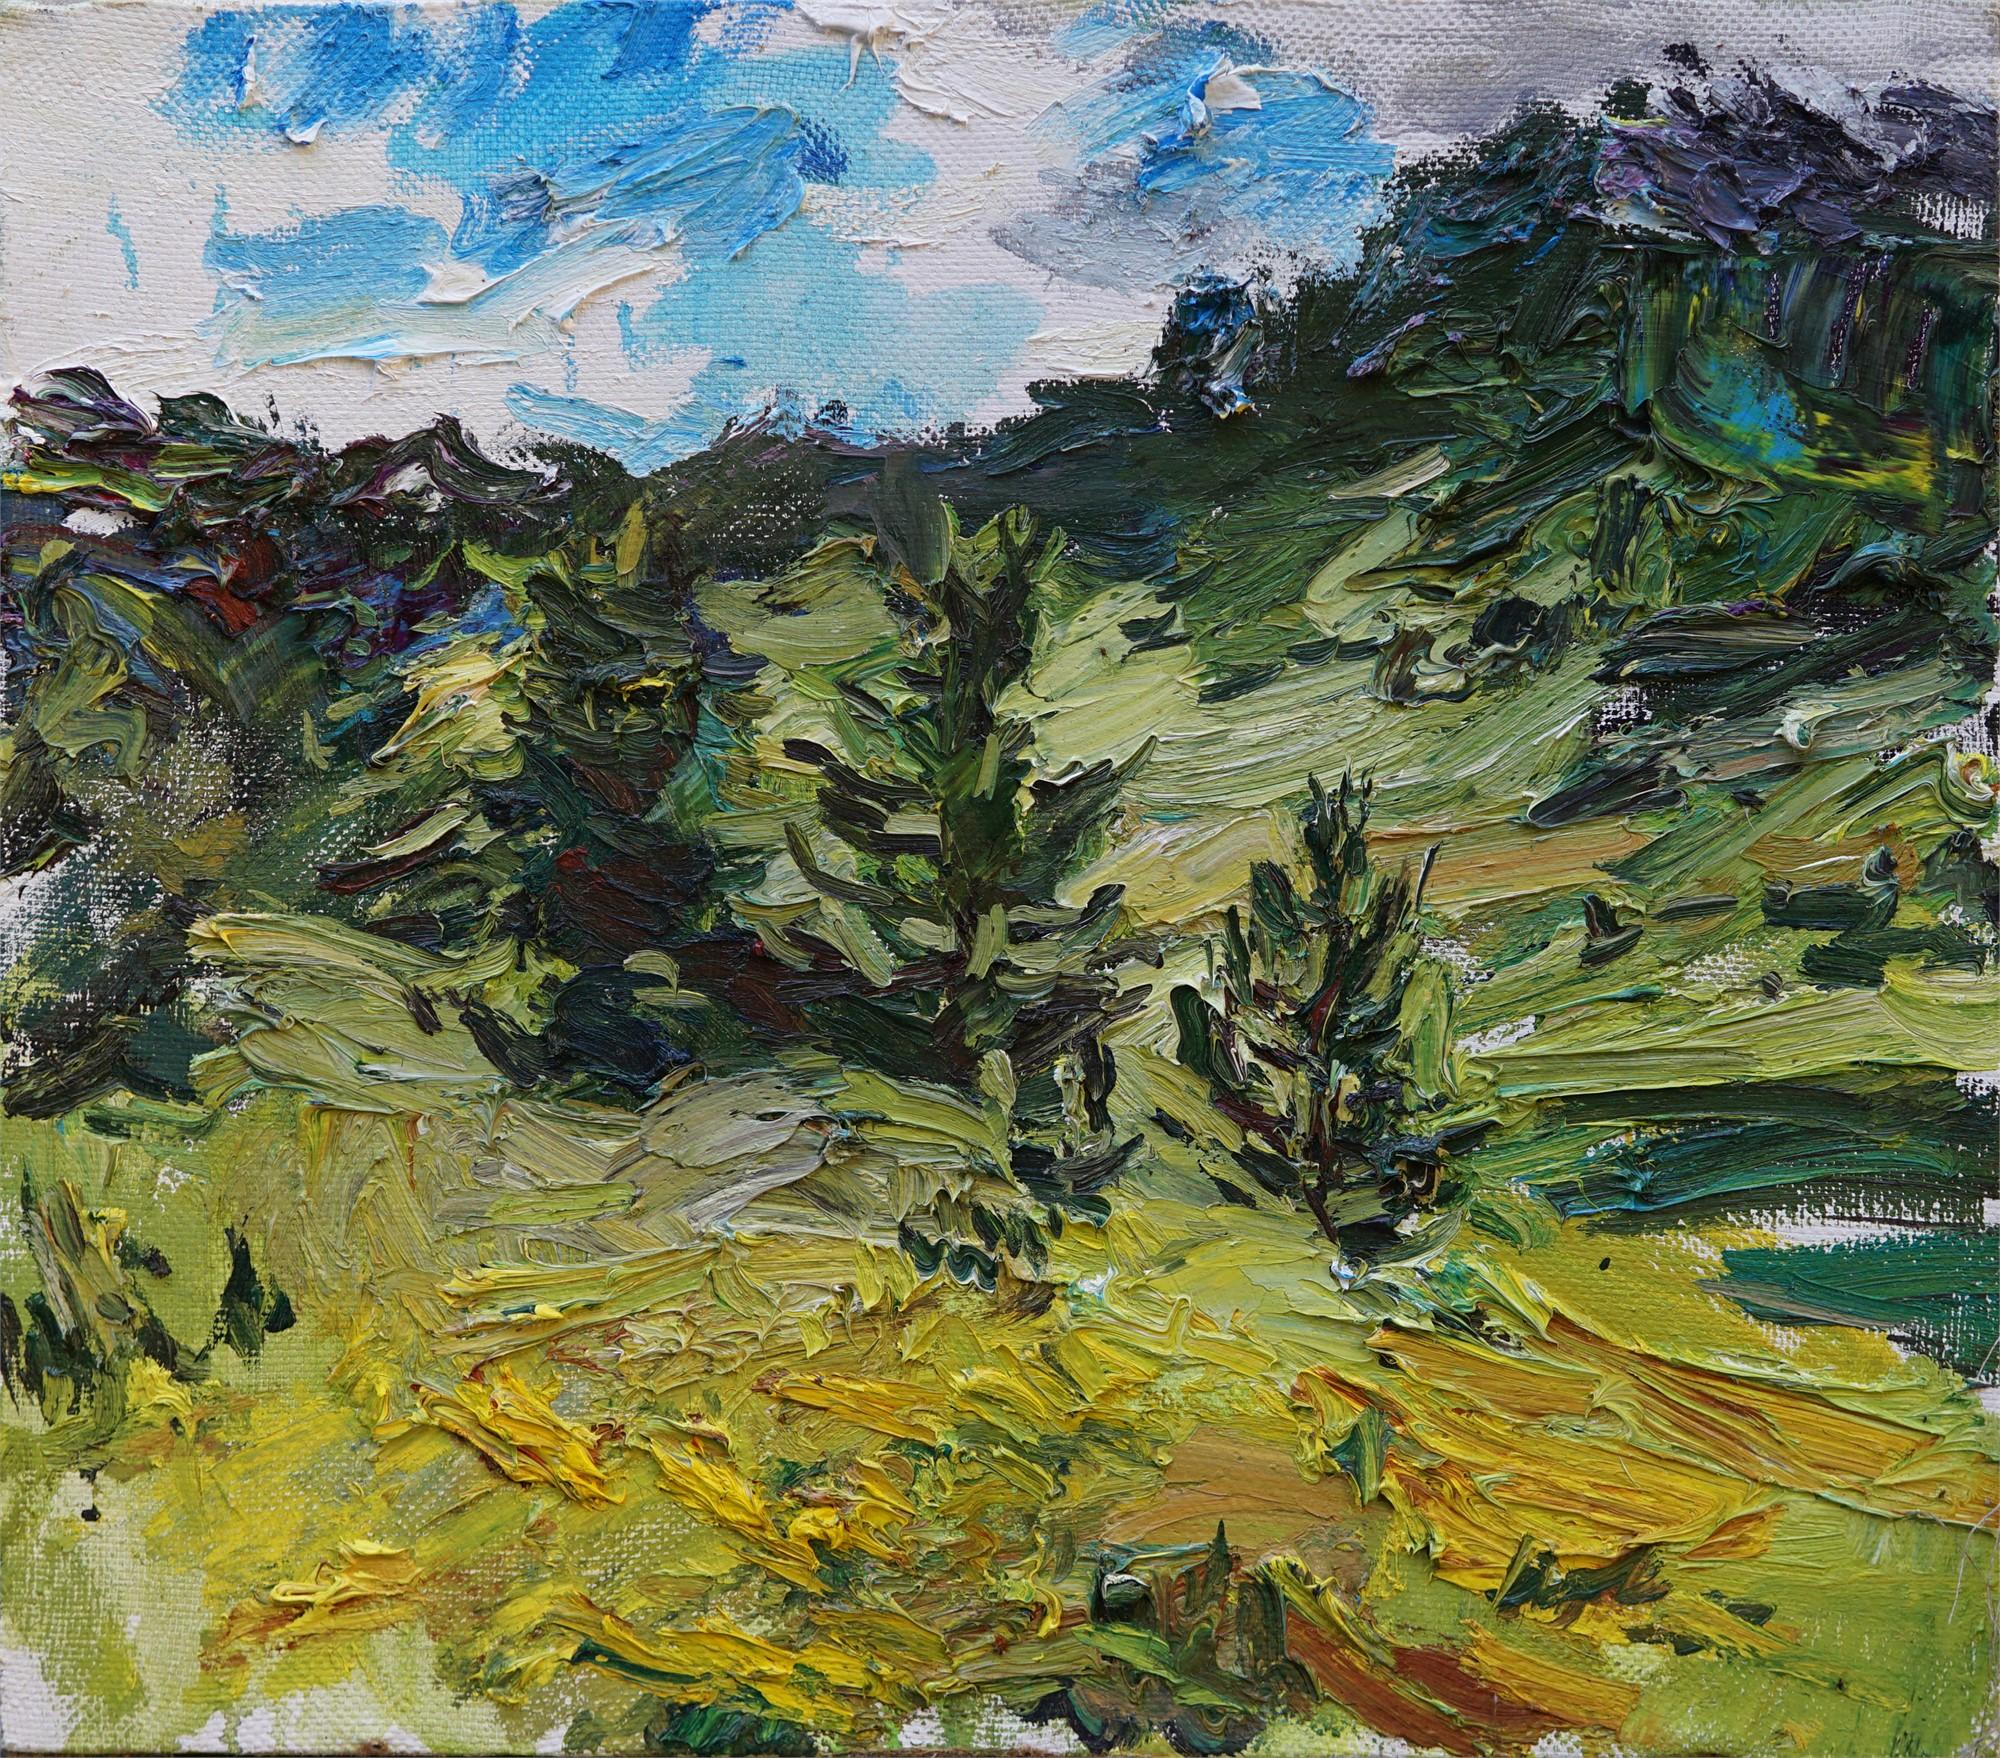 In the Urals by Ulrich Gleiter